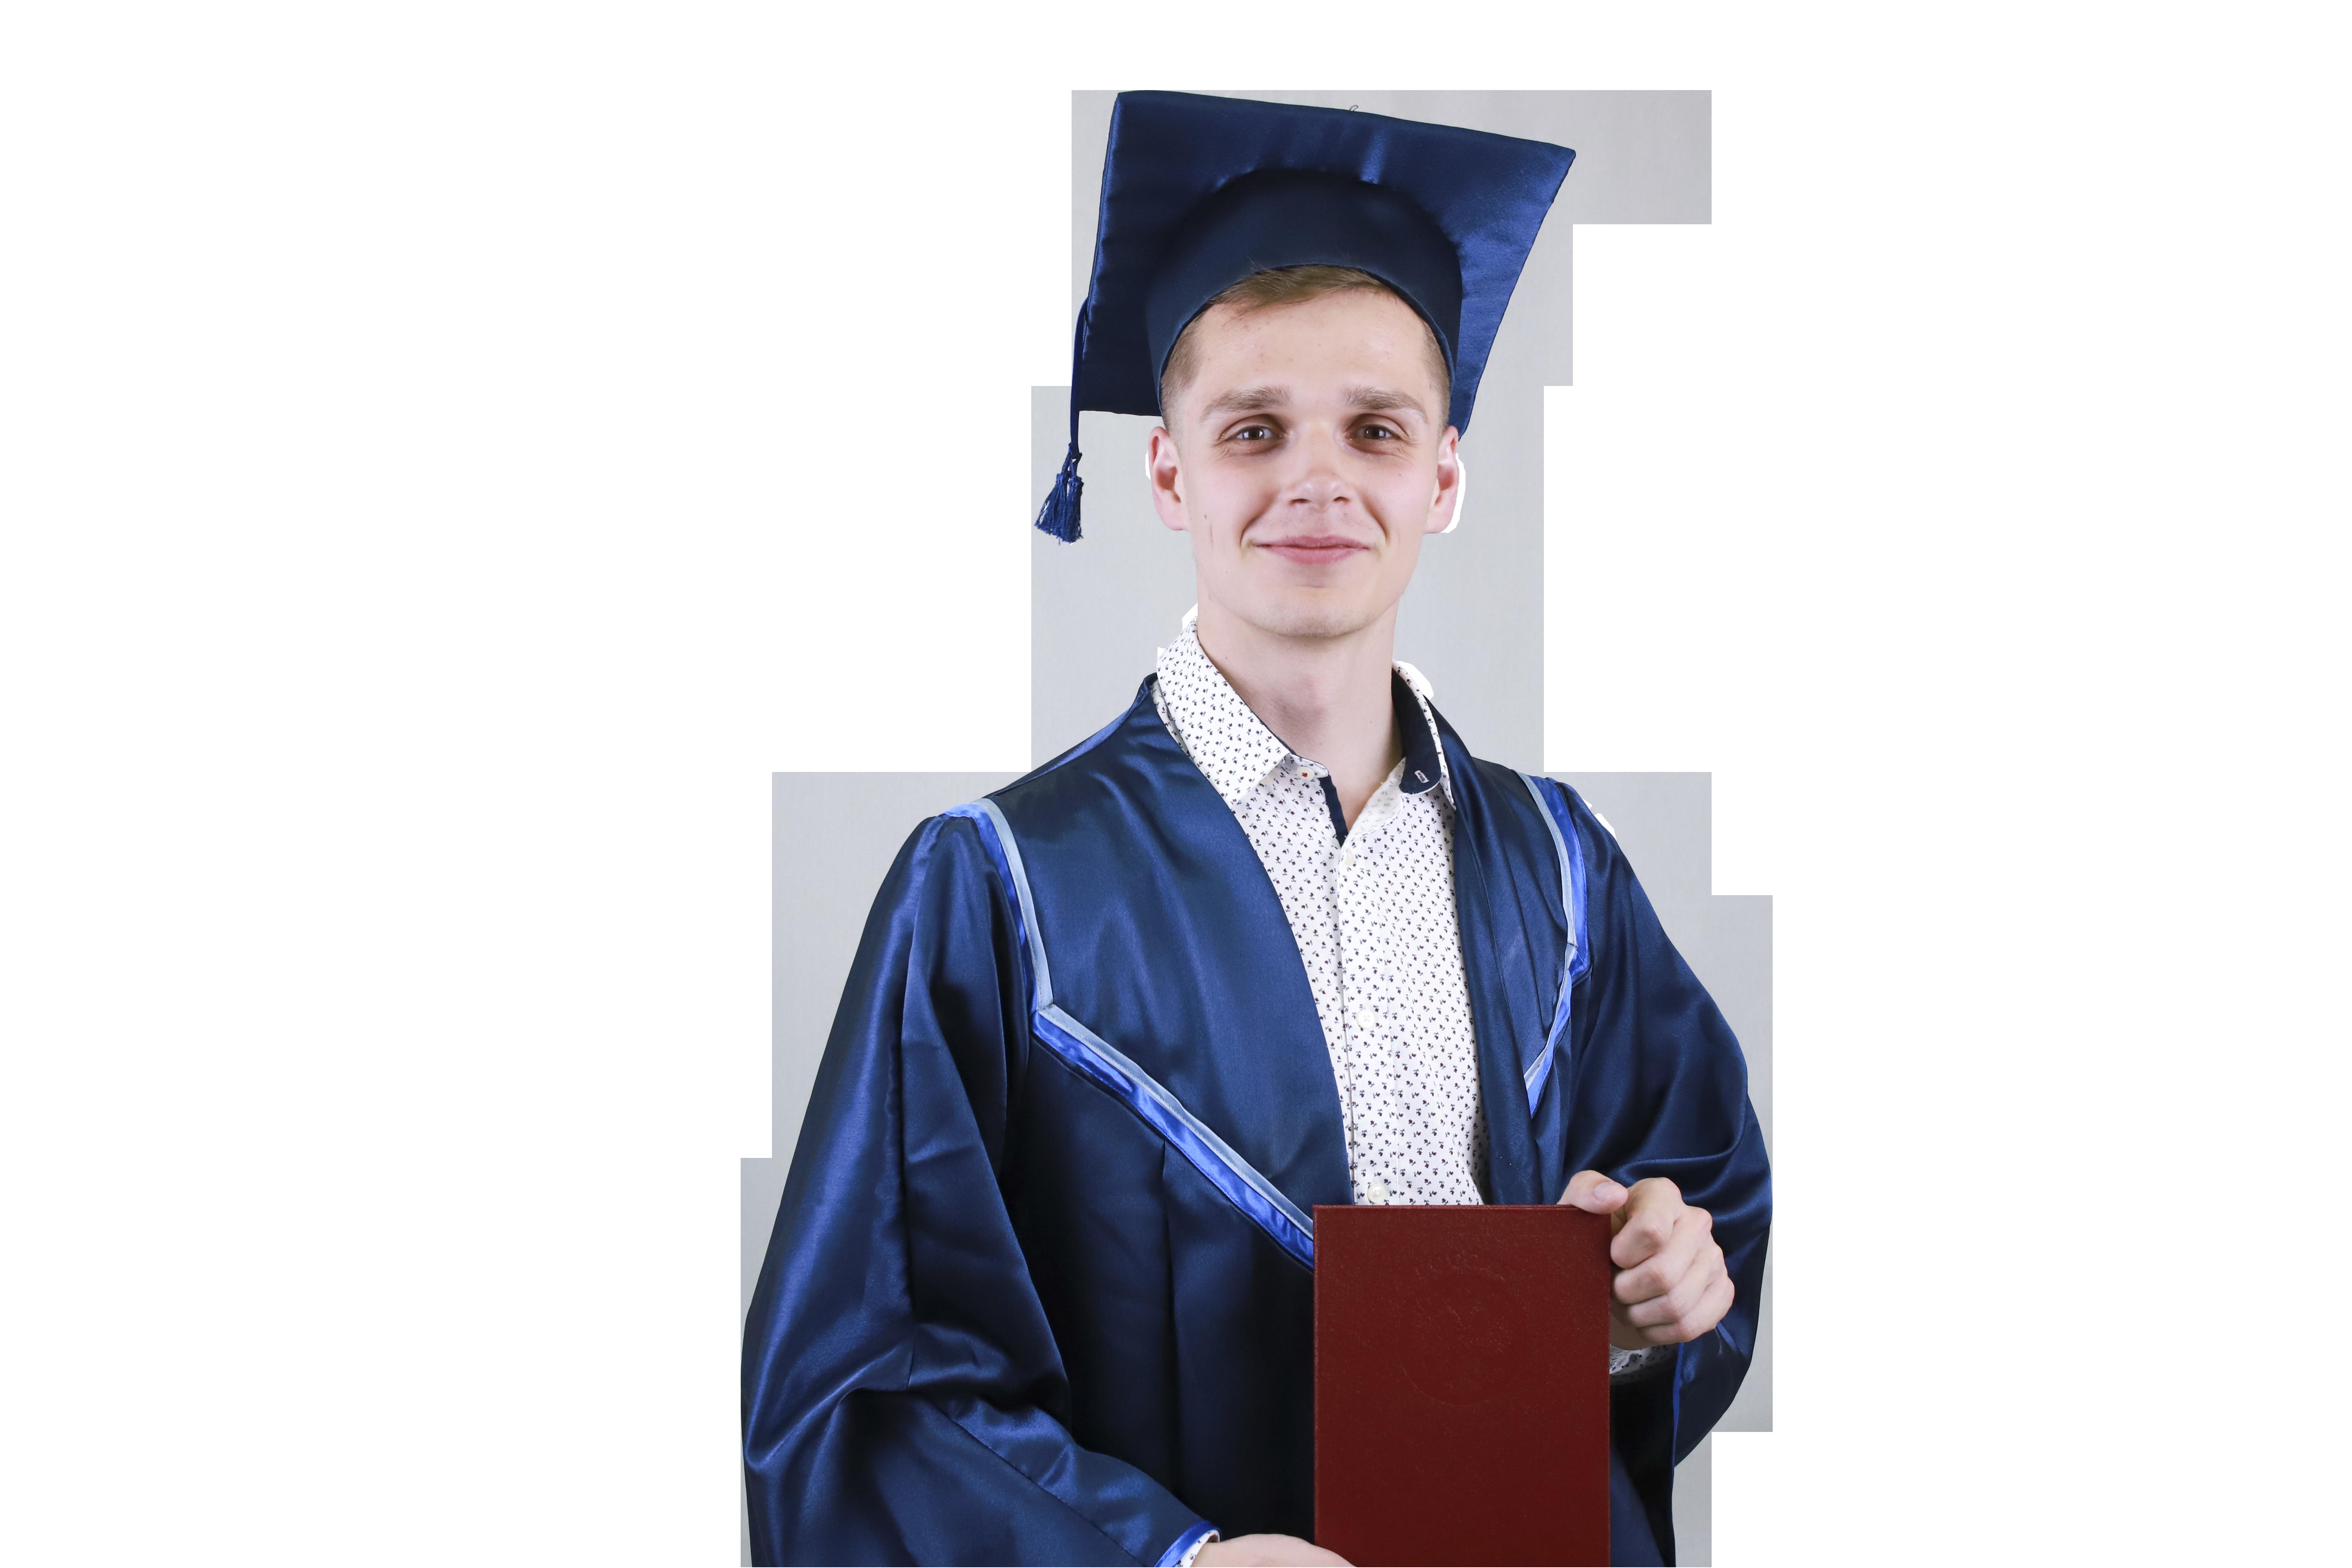 4 июня стартовала акция #СНаукойвСердце для выпускников